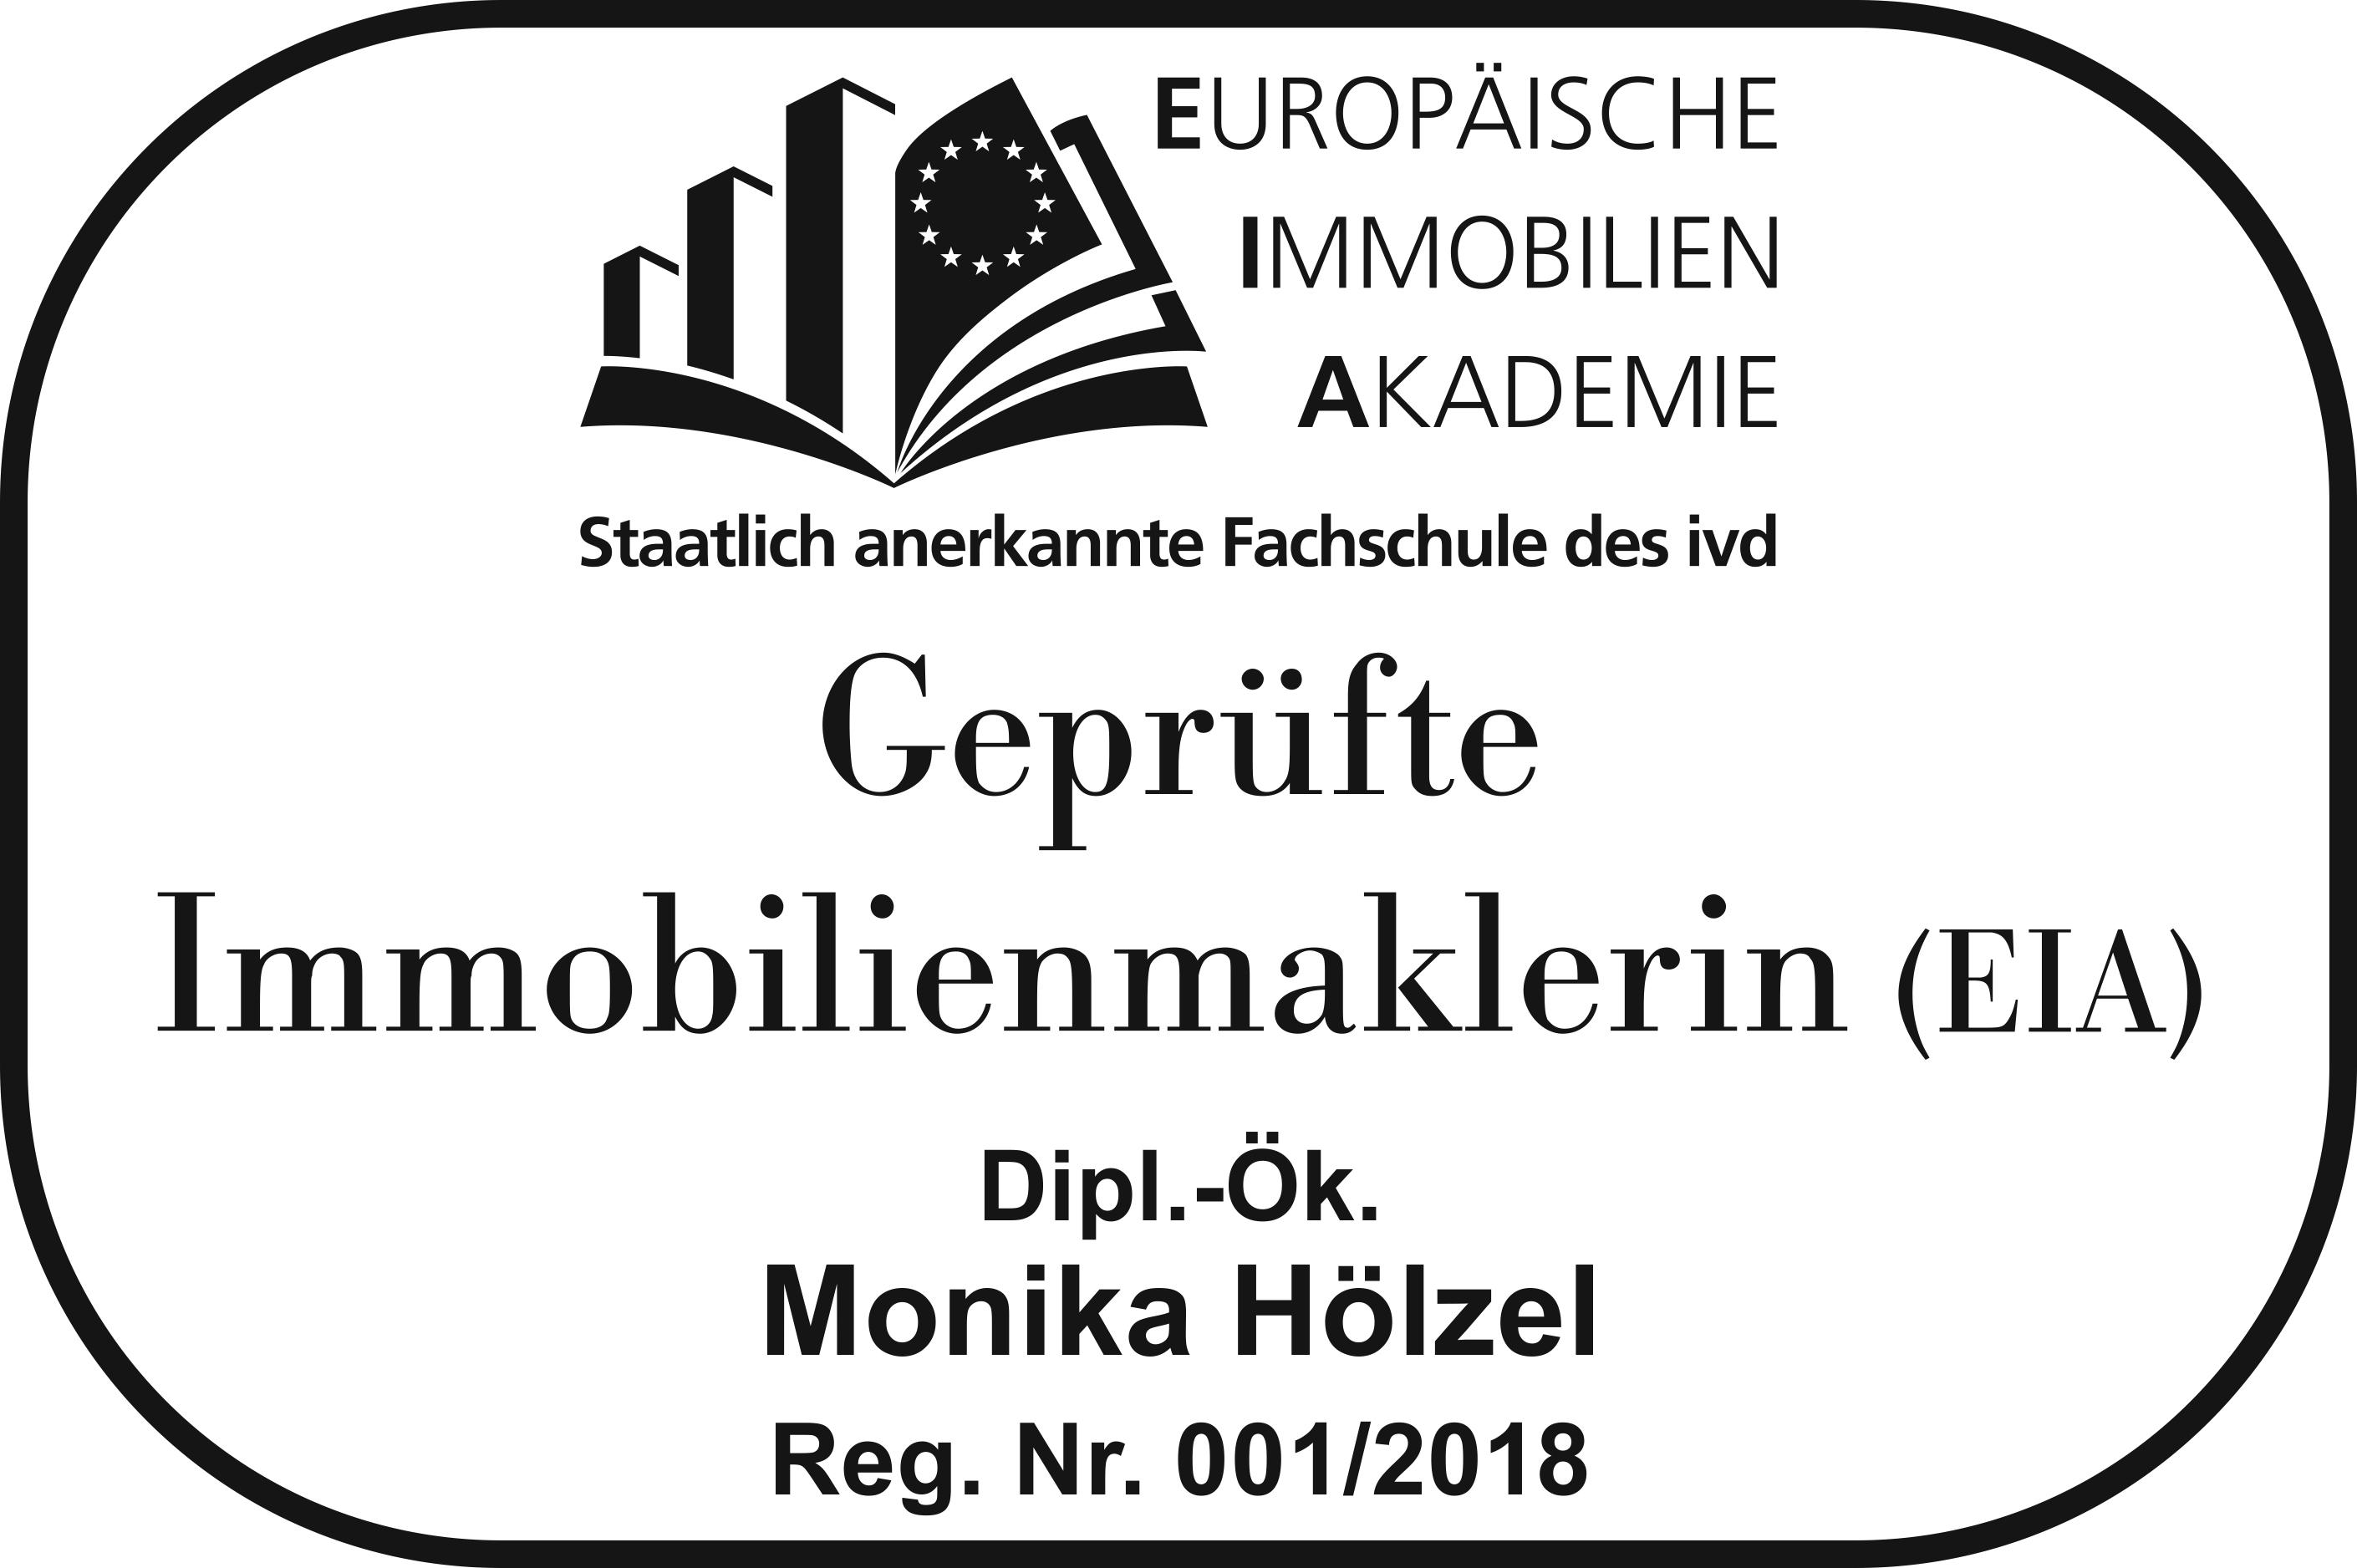 ... Maler Und Lackiererei Henseleit Oberhausen, Baufinanzierung Lehmkuhl  GmbH Voerde, Garten Und Landschaftsbau Vishi Oberhausen Und Viele Andere  Partner.